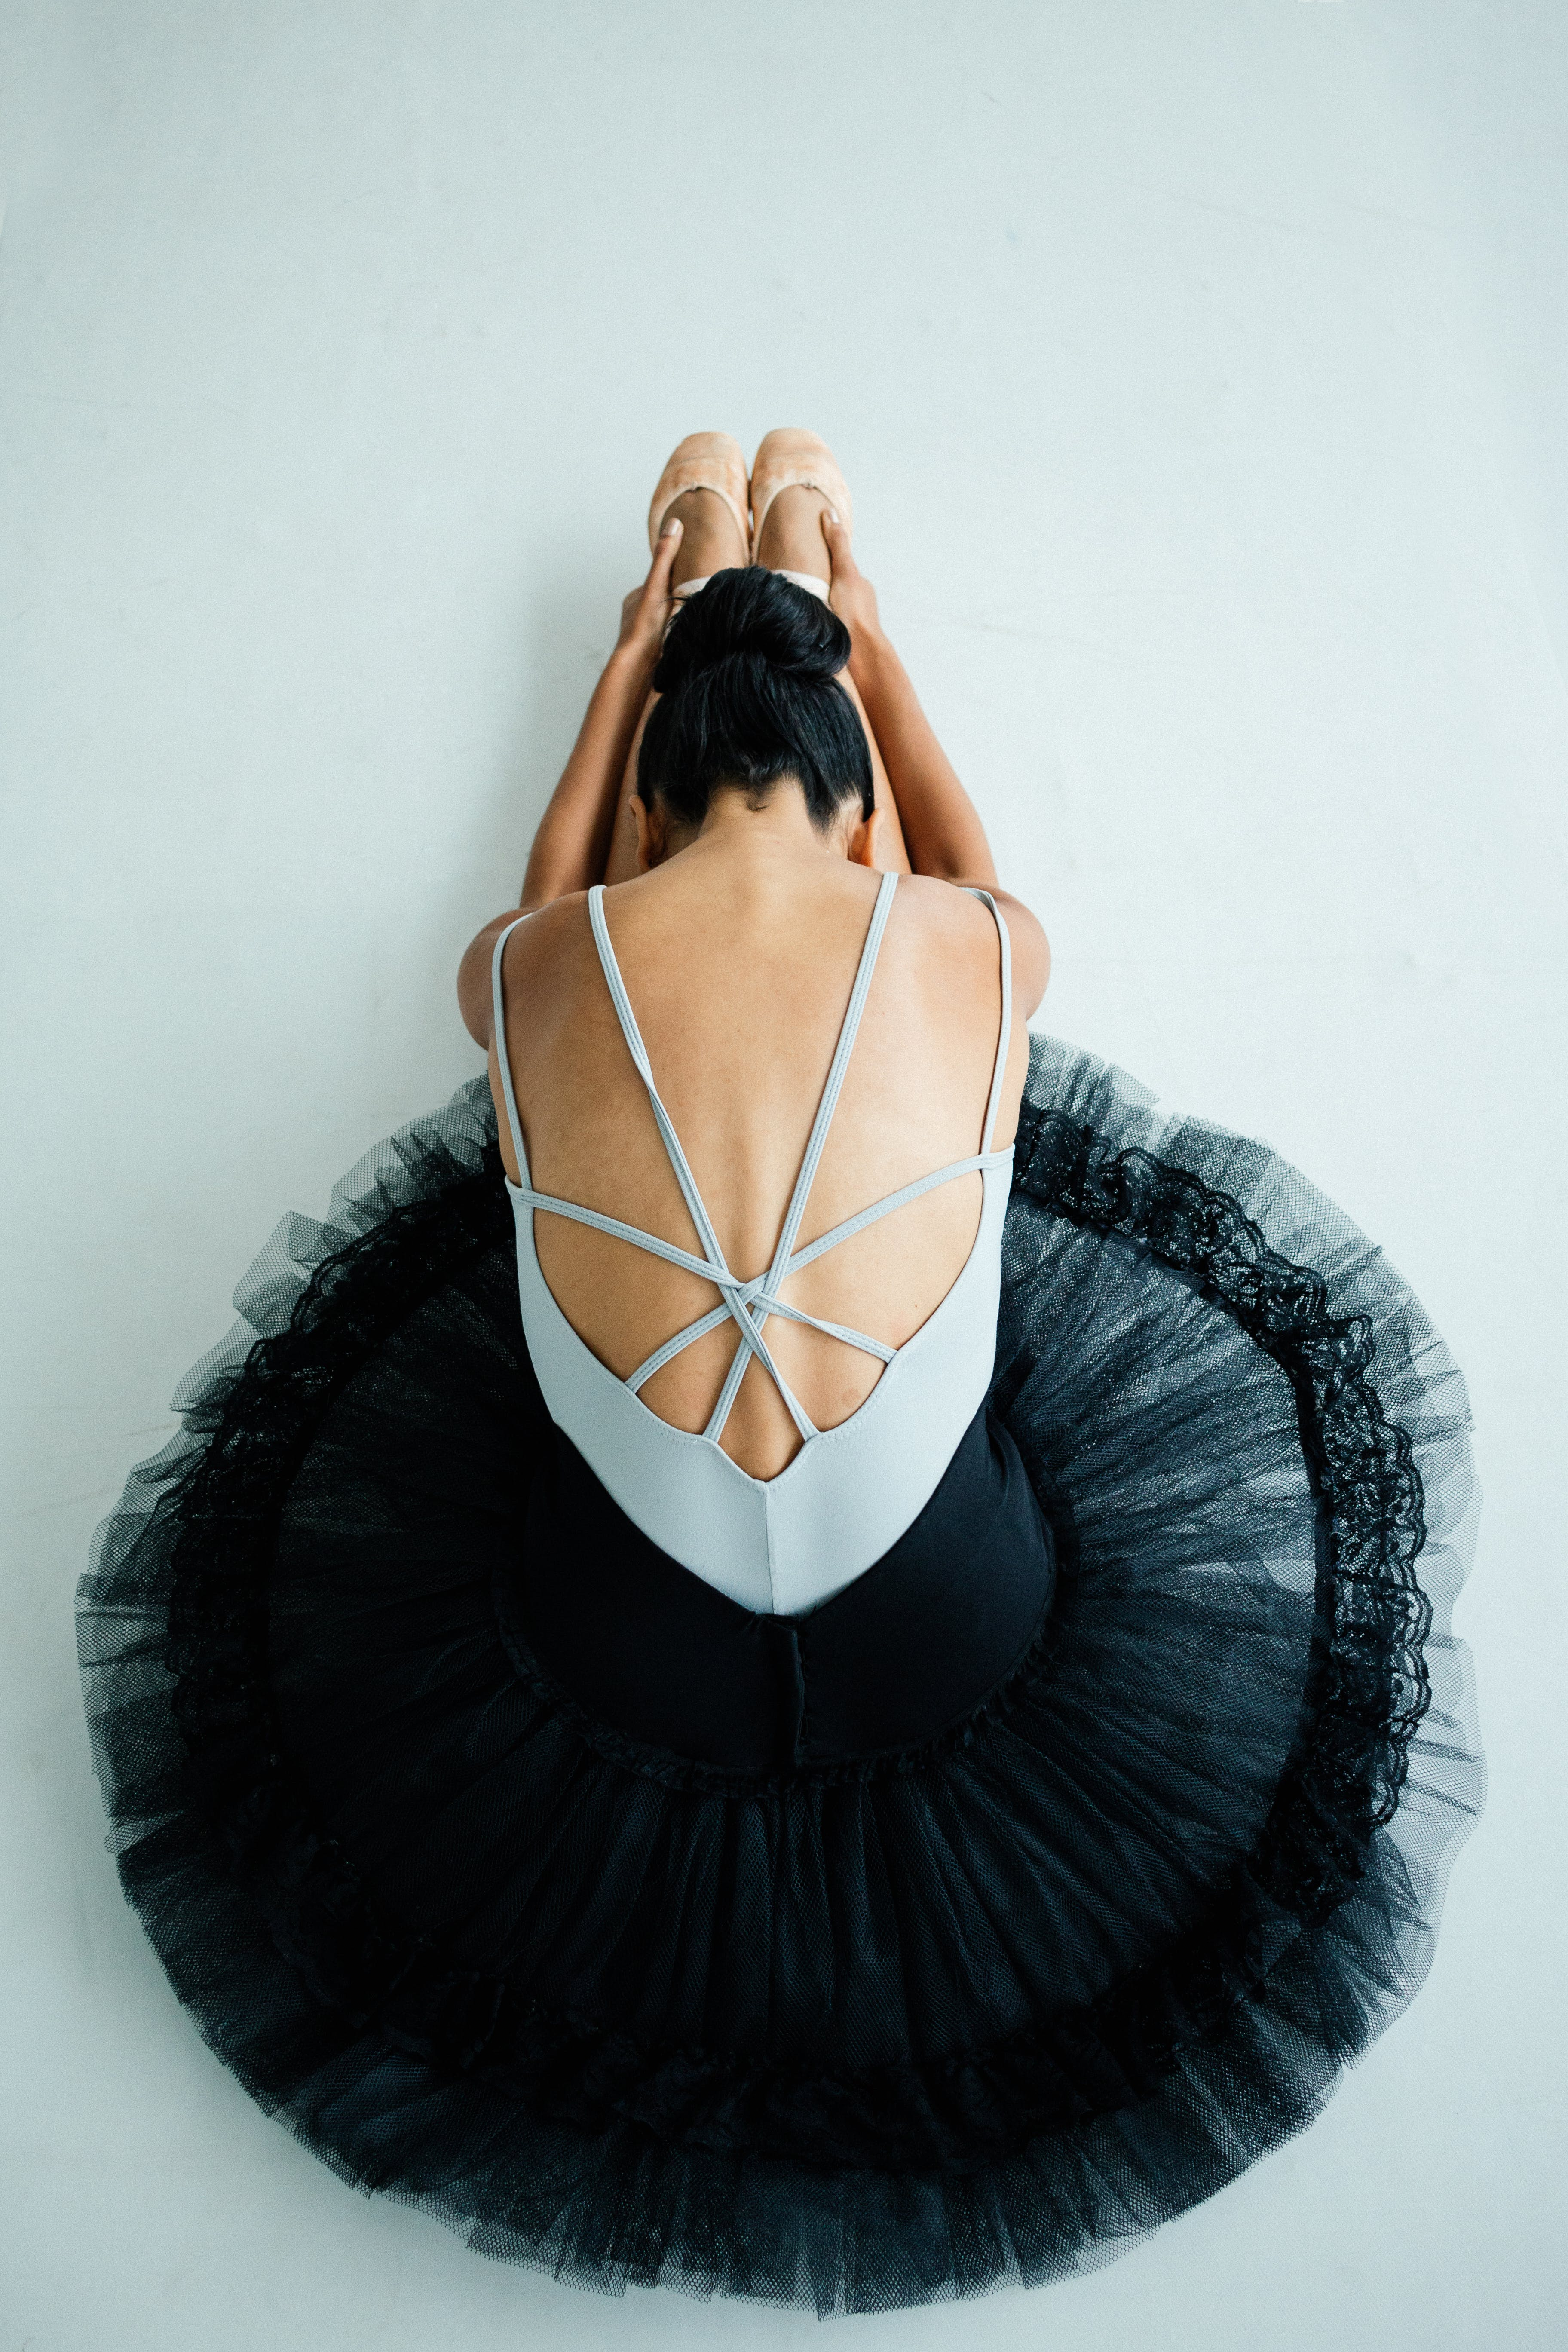 女人, 穿著, 舞蹈家, 芭蕾舞者 的 免费素材照片